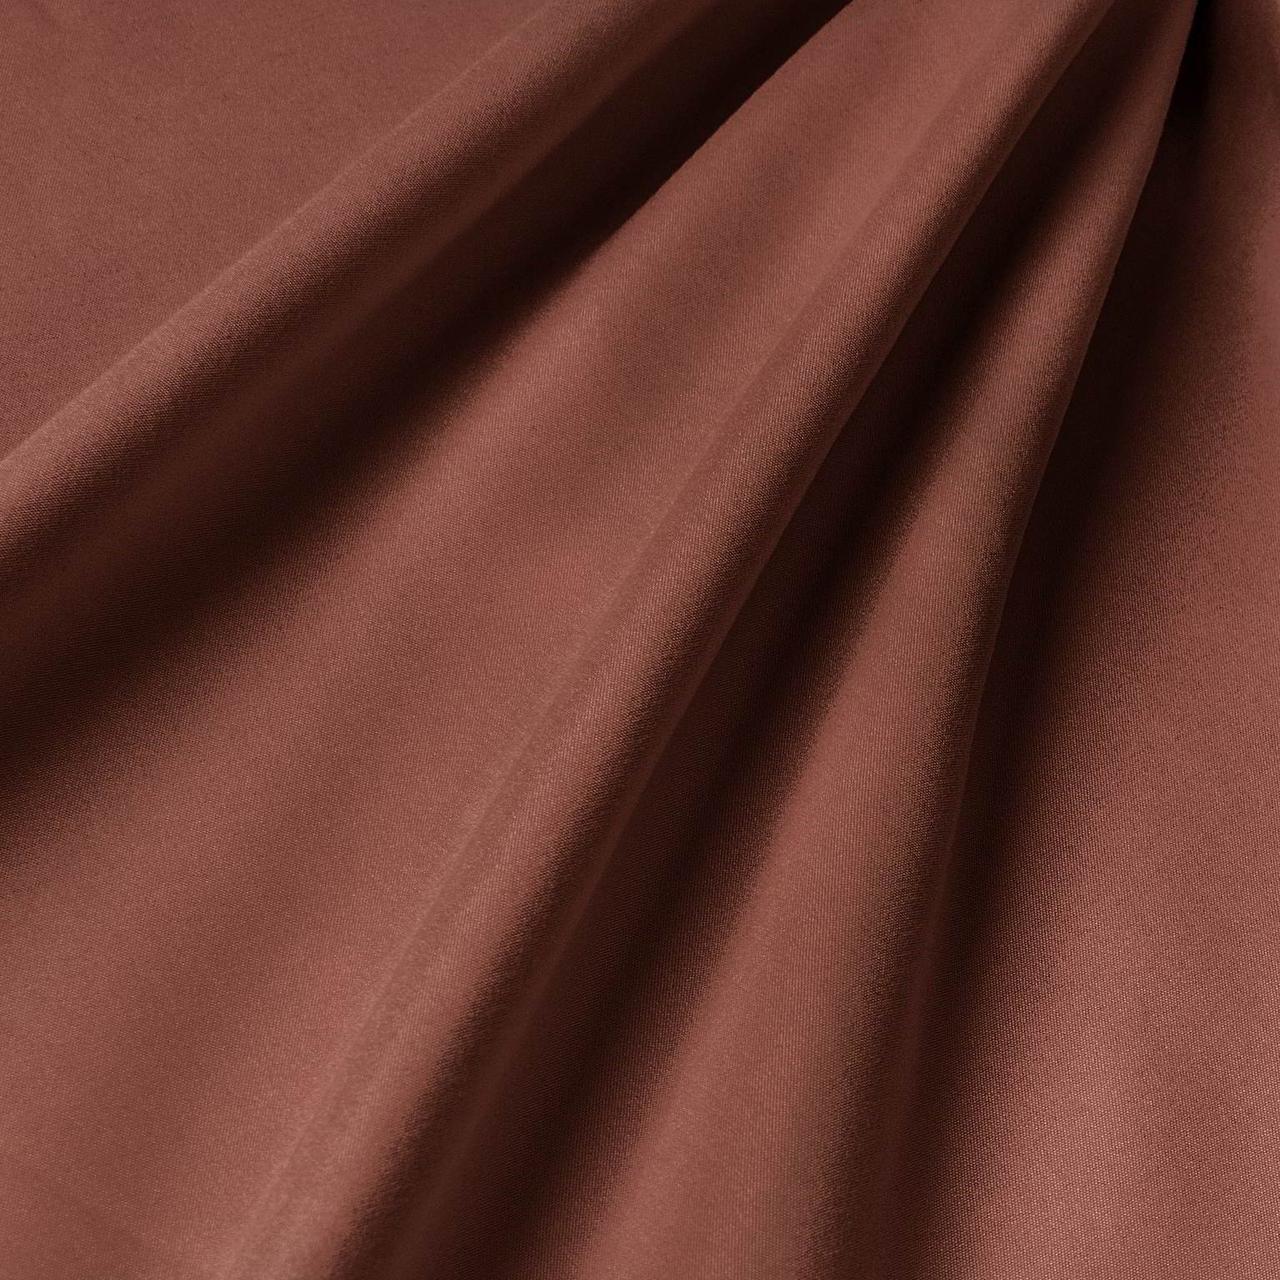 Подкладочная ткань с матовой фактурой (Испания) 400317v18